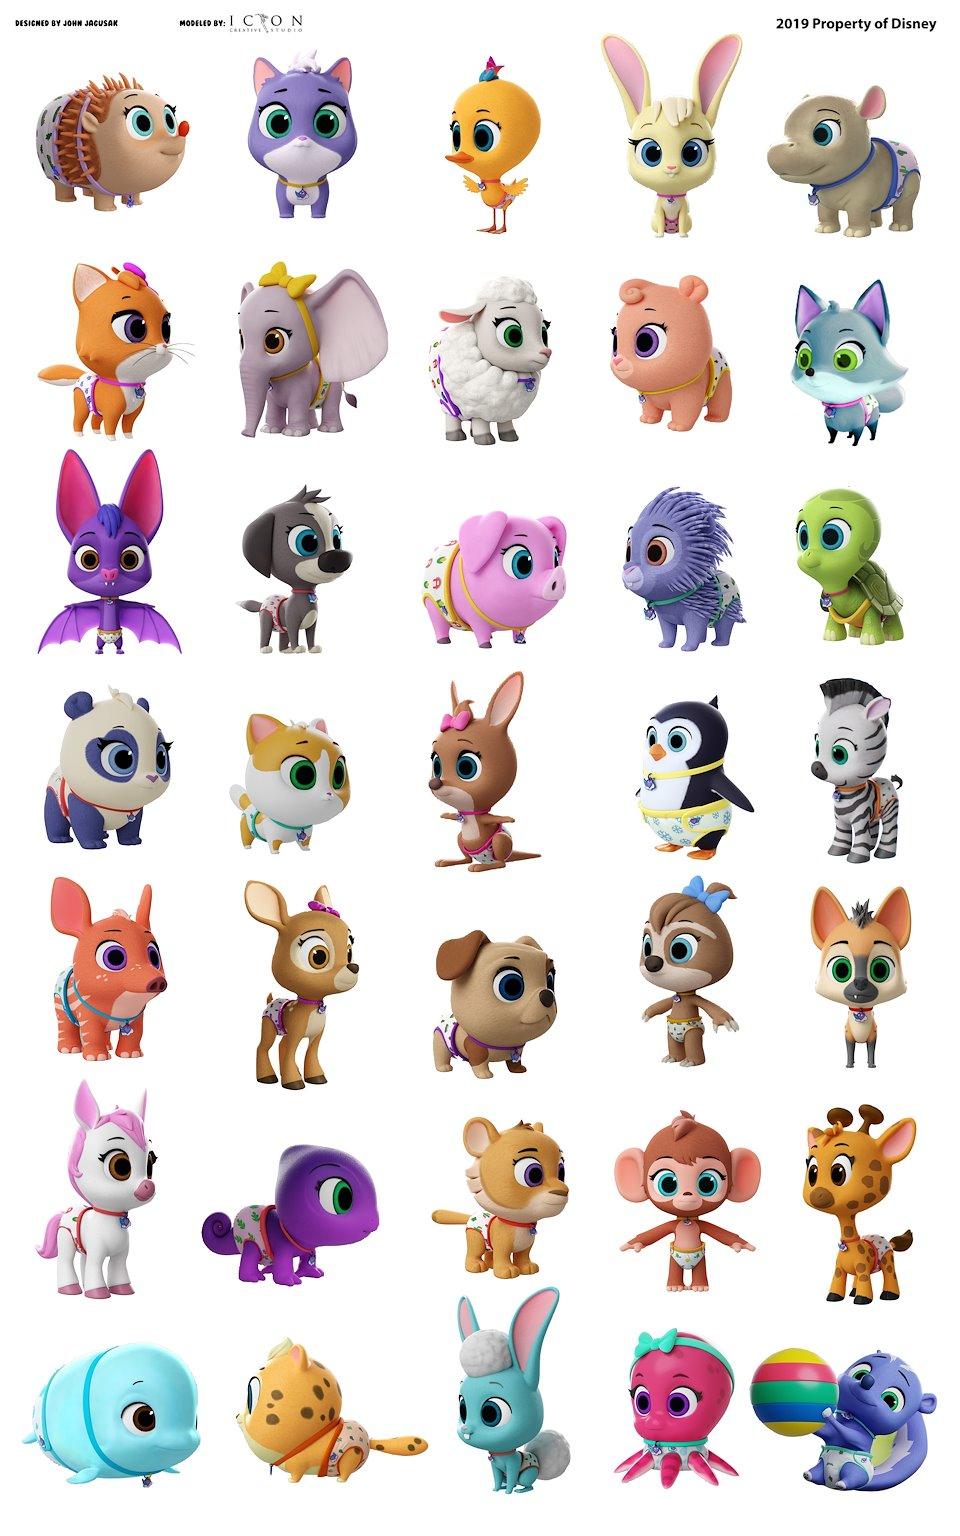 Disney's T.O.T.S. Lead Character Design - John Jagusak